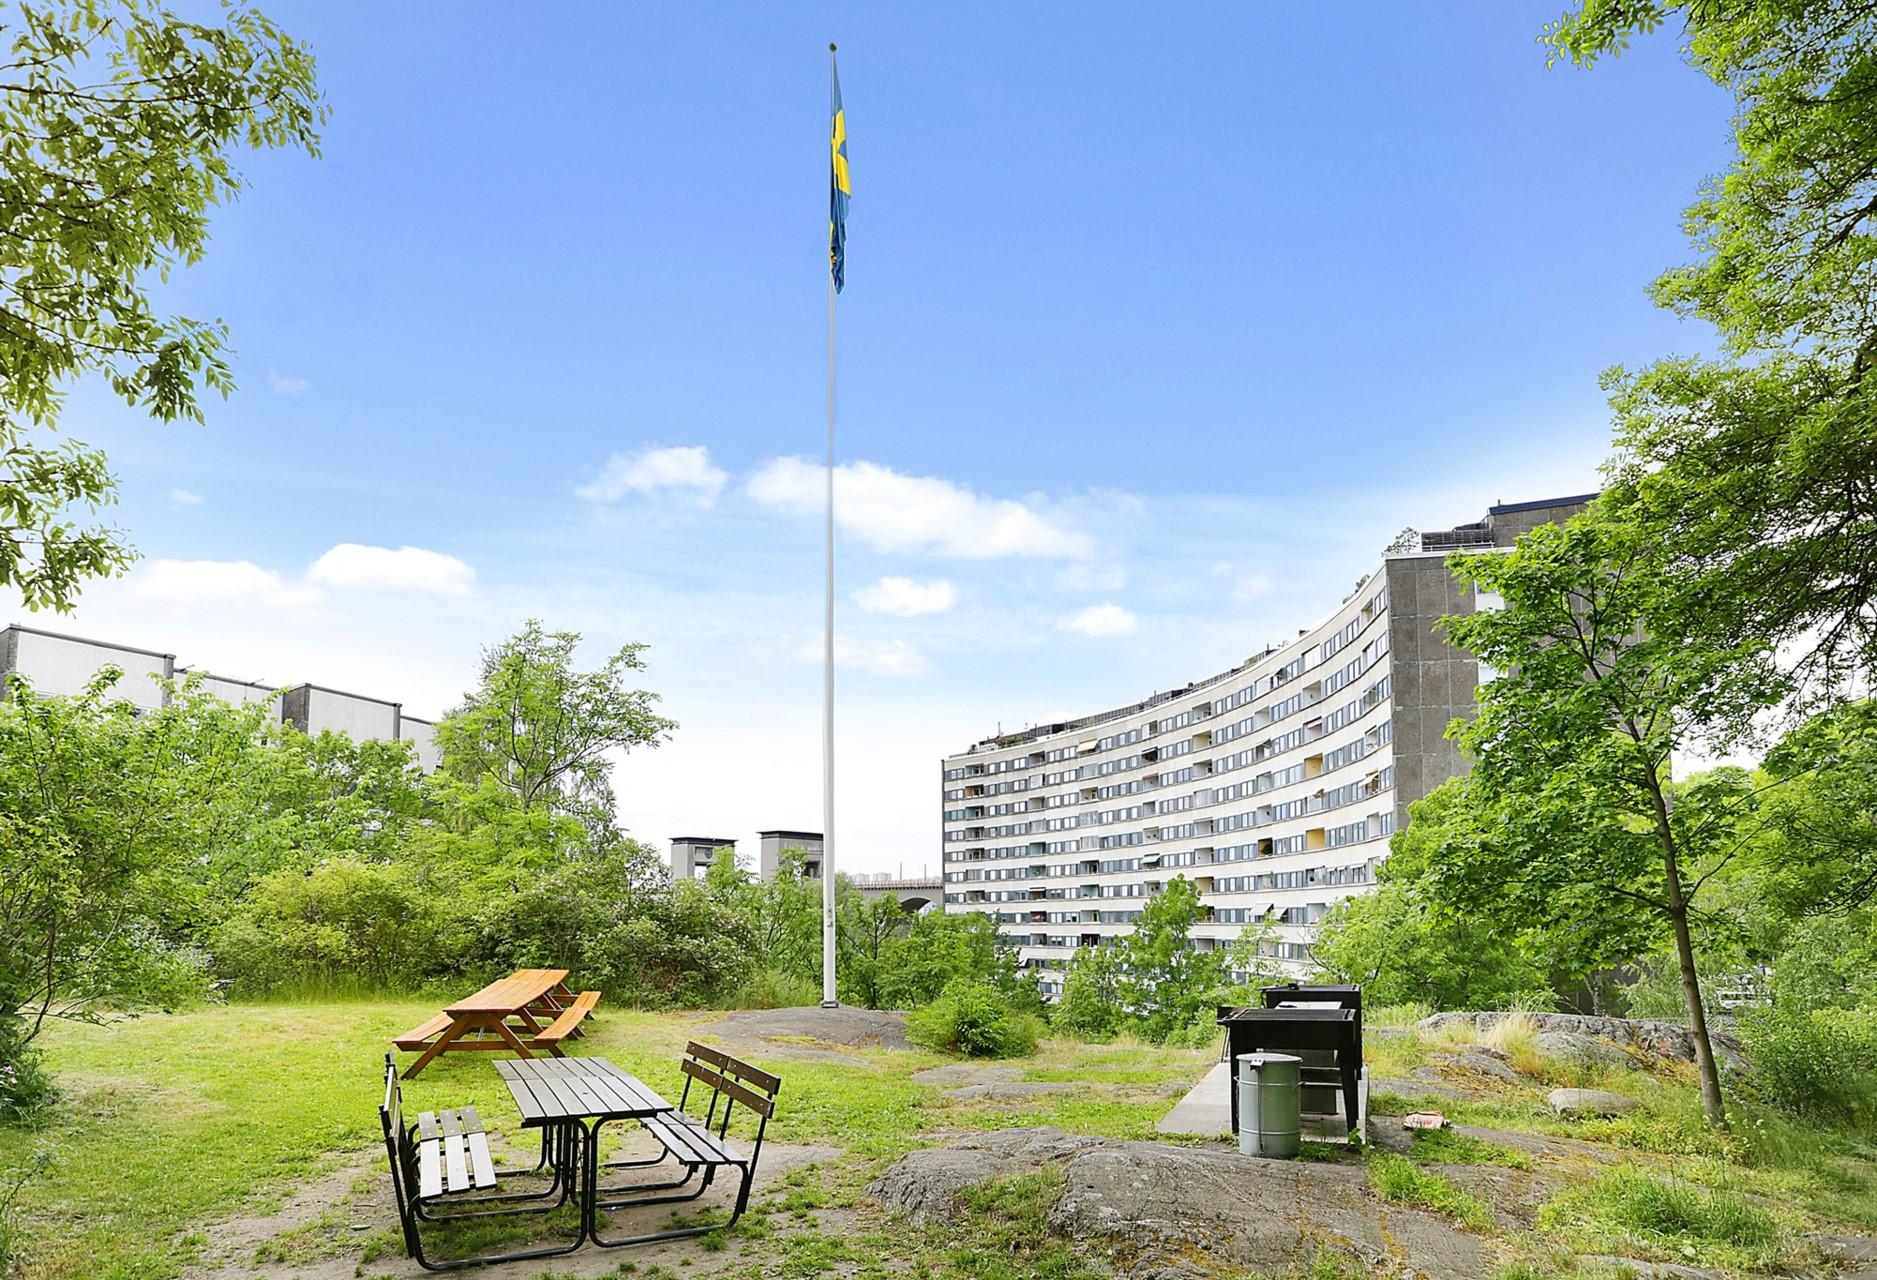 Flintbacken 10, 6 tr - Föreningens grillplats